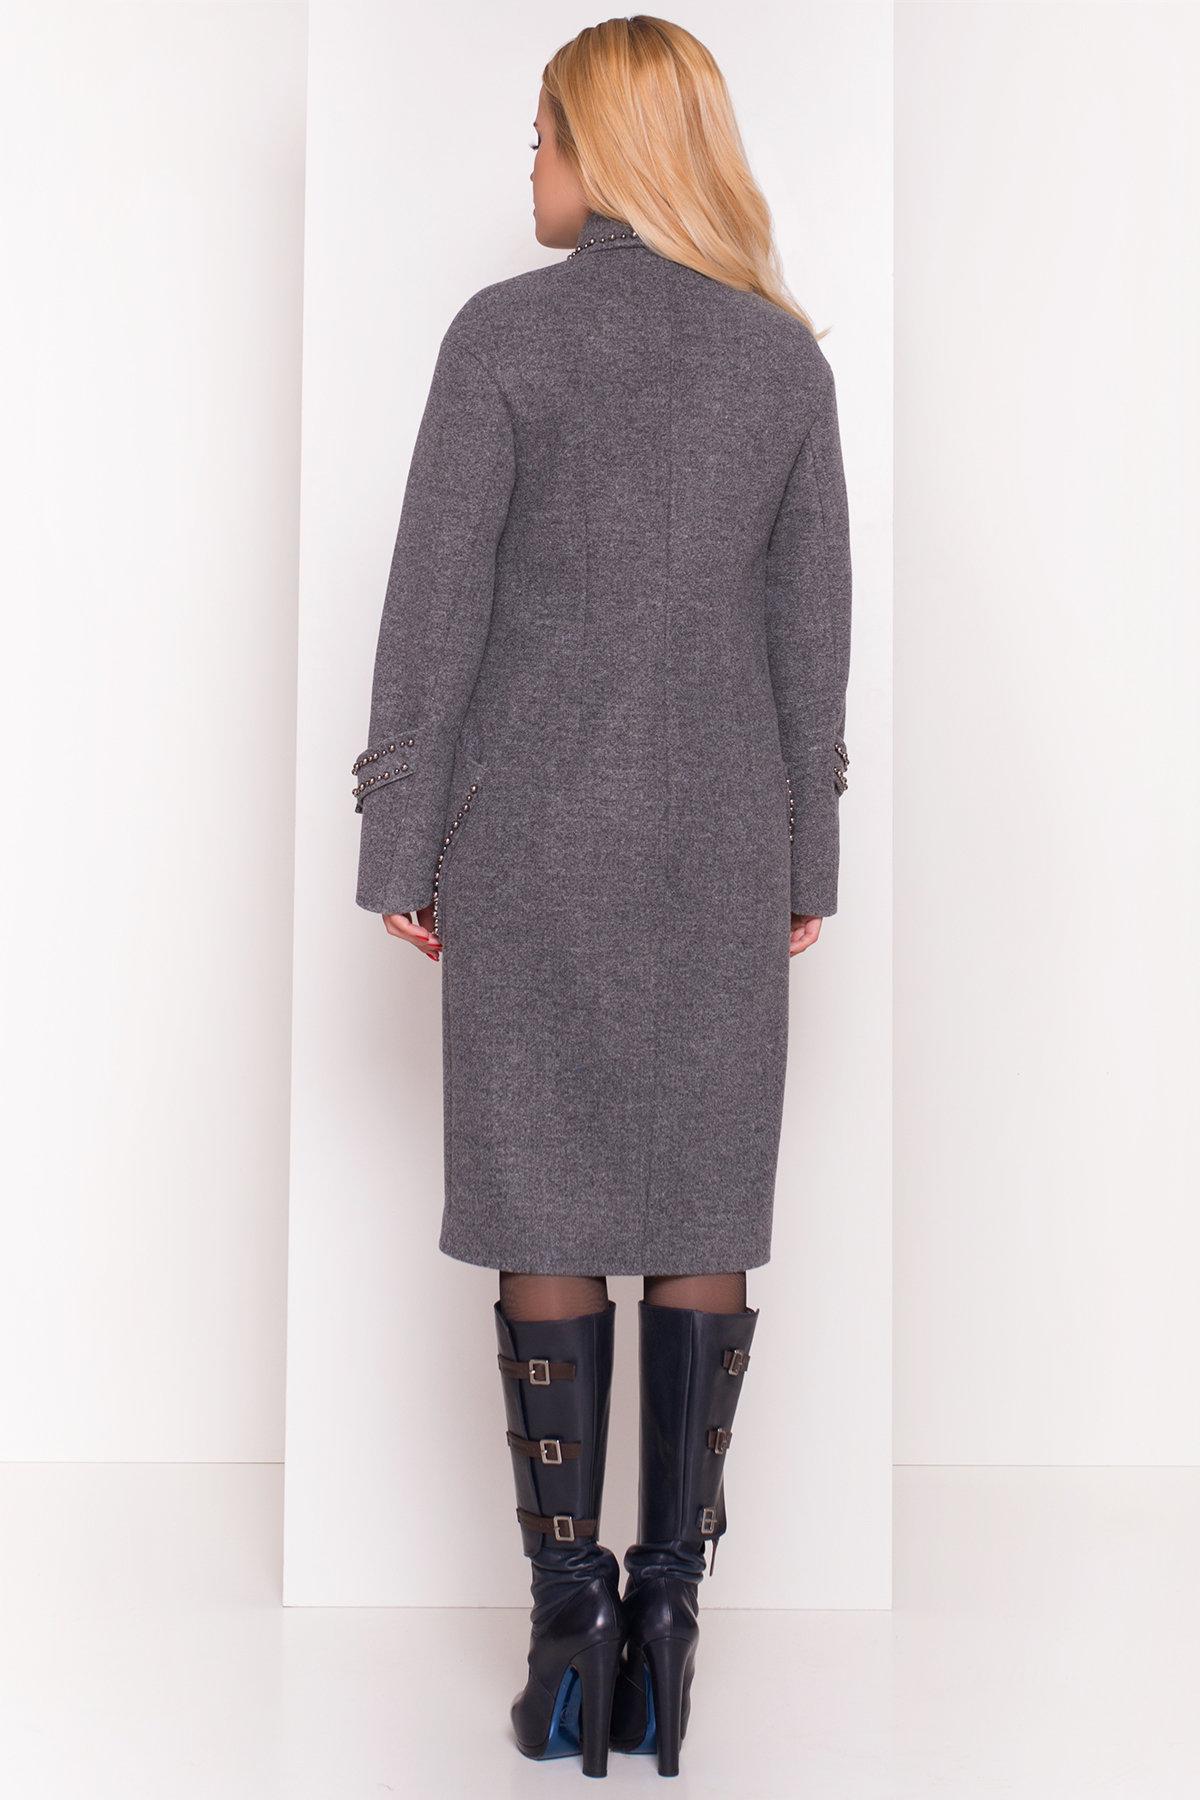 Кашемировое демисезонное пальто с декором Алина 5248 АРТ. 36624 Цвет: Серый Темный - фото 6, интернет магазин tm-modus.ru